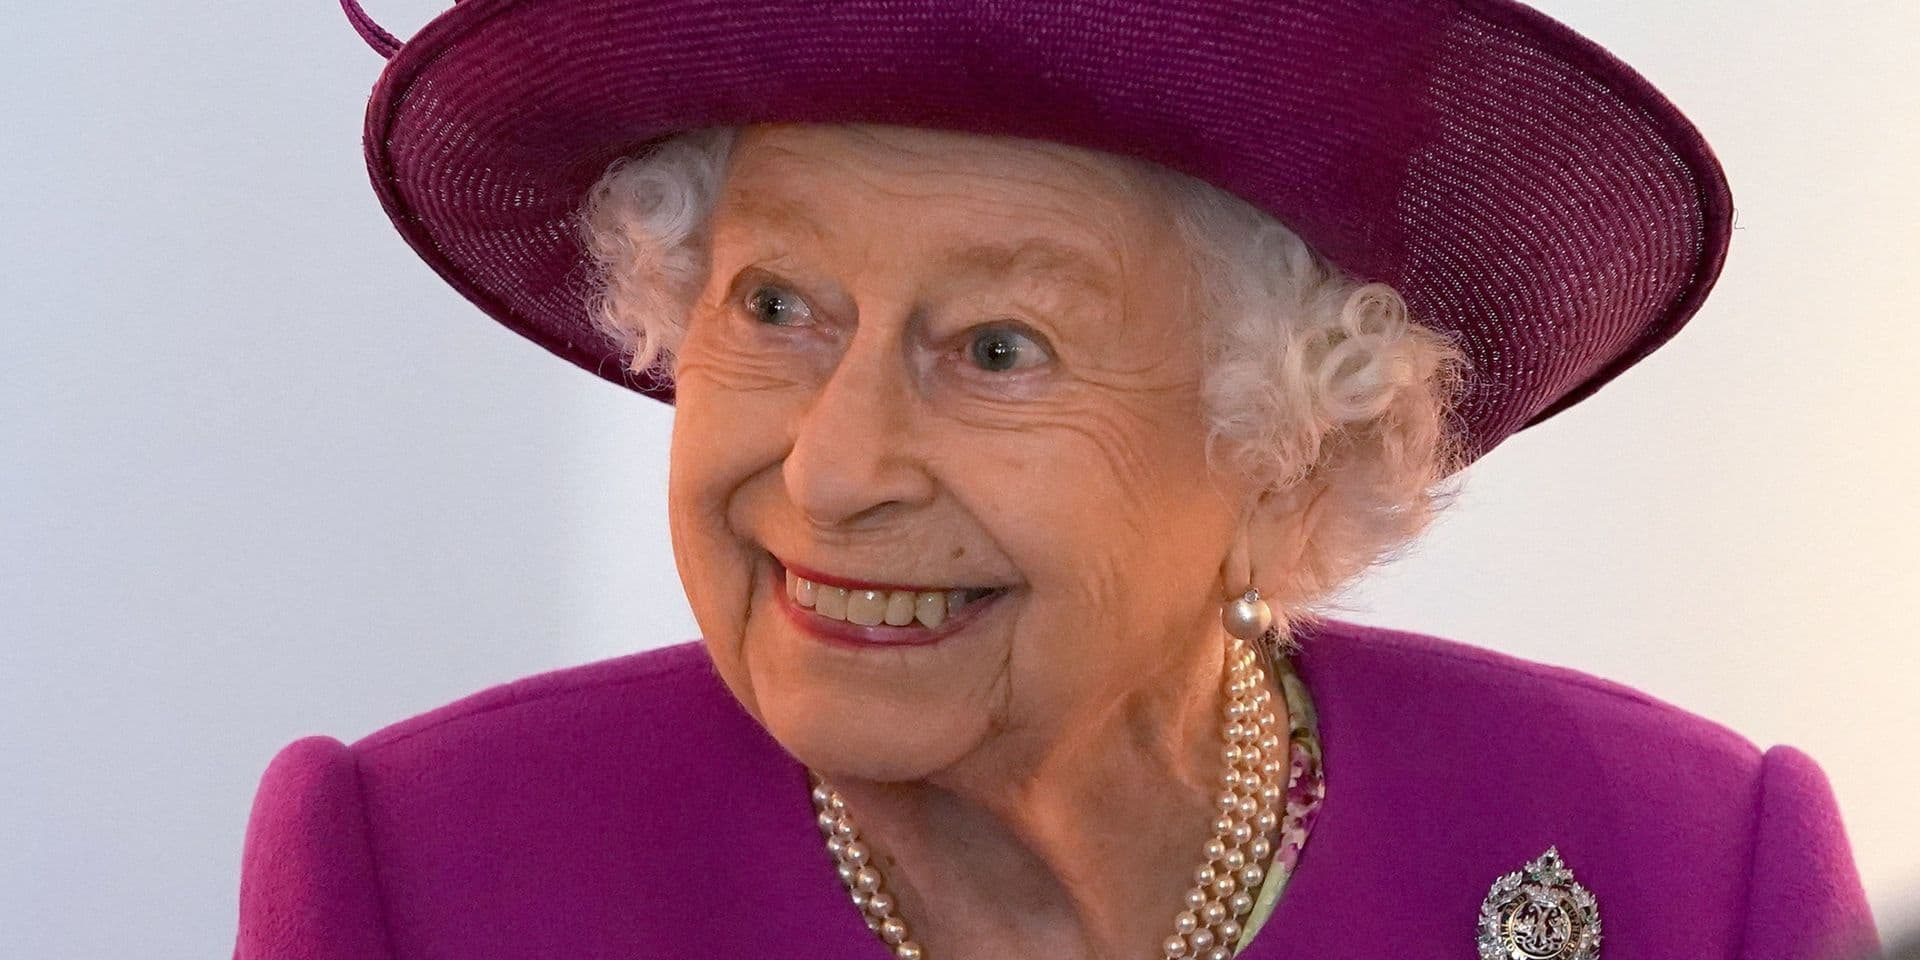 Parades, danses et dragon géant : les Britanniques préparent les 70 ans de règne d'Elizabeth II